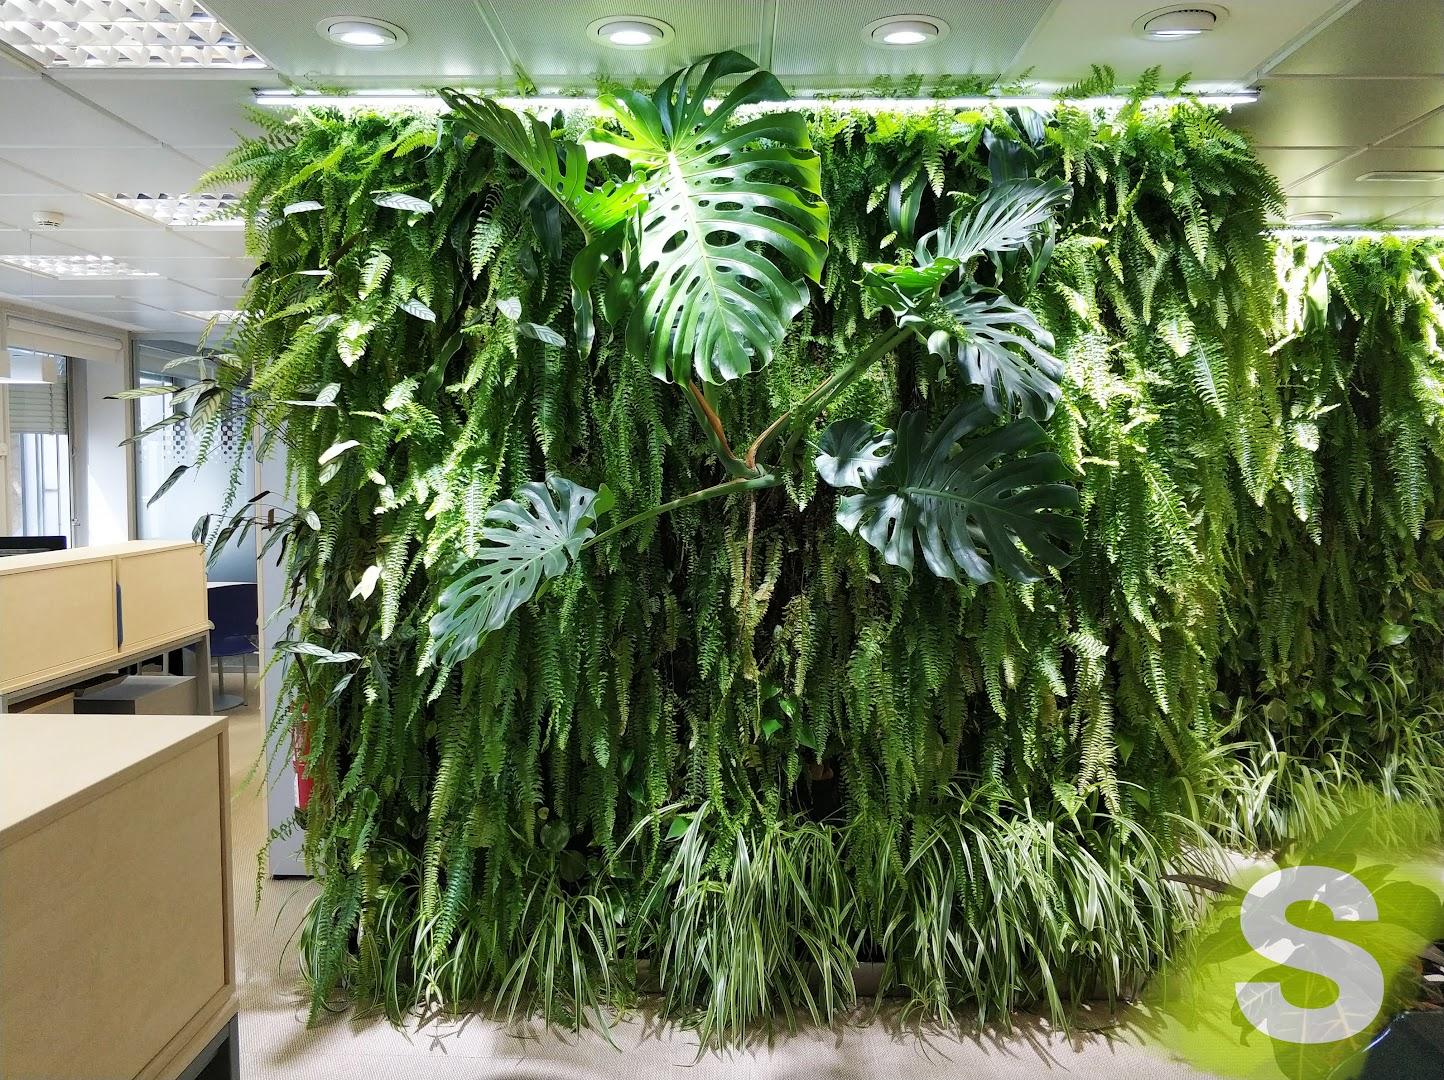 Jardín vertical en el interior de unas oficinas en madrid